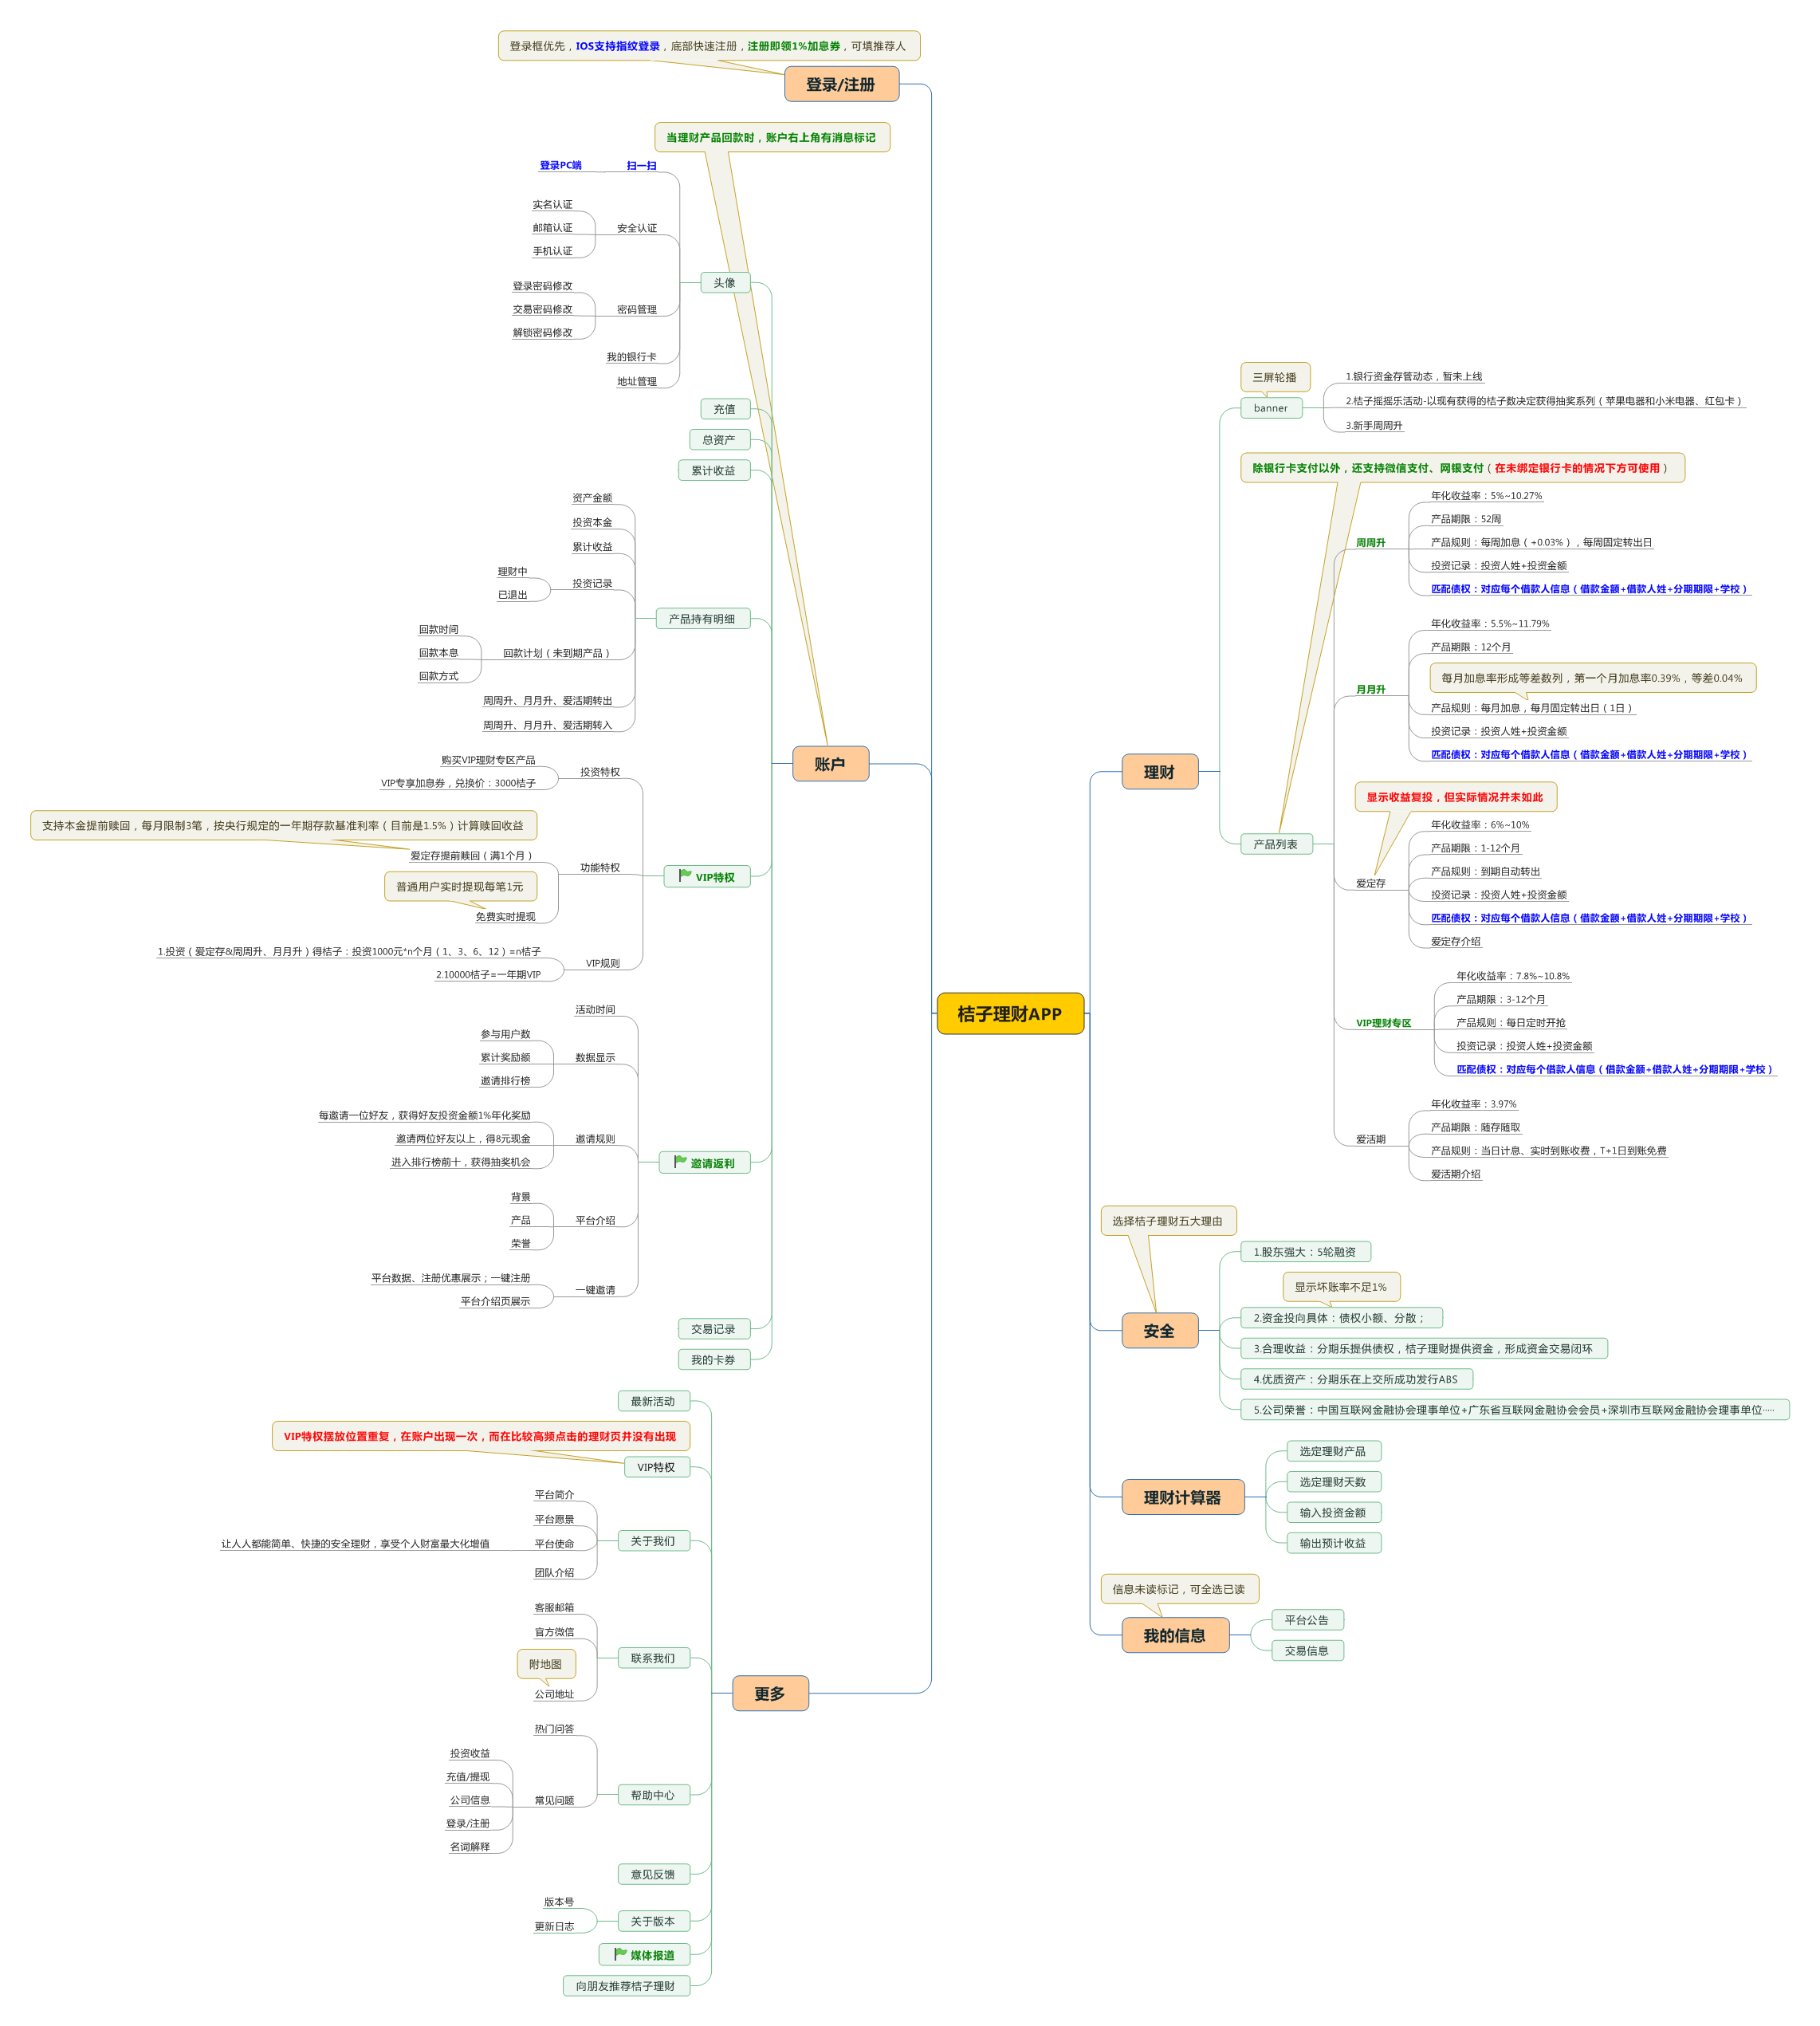 绿色部分表示相比竞品特有的功能; 蓝色部分表示该功能是对比中的亮点功能,就竞品分析的主题有加分作用,可以让用户感觉到平台更加安全,更加快捷; 红色部分表示该功能存在的问题或不足; 黄色标签中文字是对功能进行必要阐述。 特有功能说明: 1.桔子理财特有功能: (1)注册领加息券前置显示(滚雪球对新用户注册未有任何优惠展示); (2)VIP用户享有特权(滚雪球未对用户进行分级差异对待); (3)邀请返利机制,邀请人享现金红包和好友投资收益奖励(滚雪球虽然也有邀请机制,但奖励均为虚拟货币和各种券,吸引力较低);